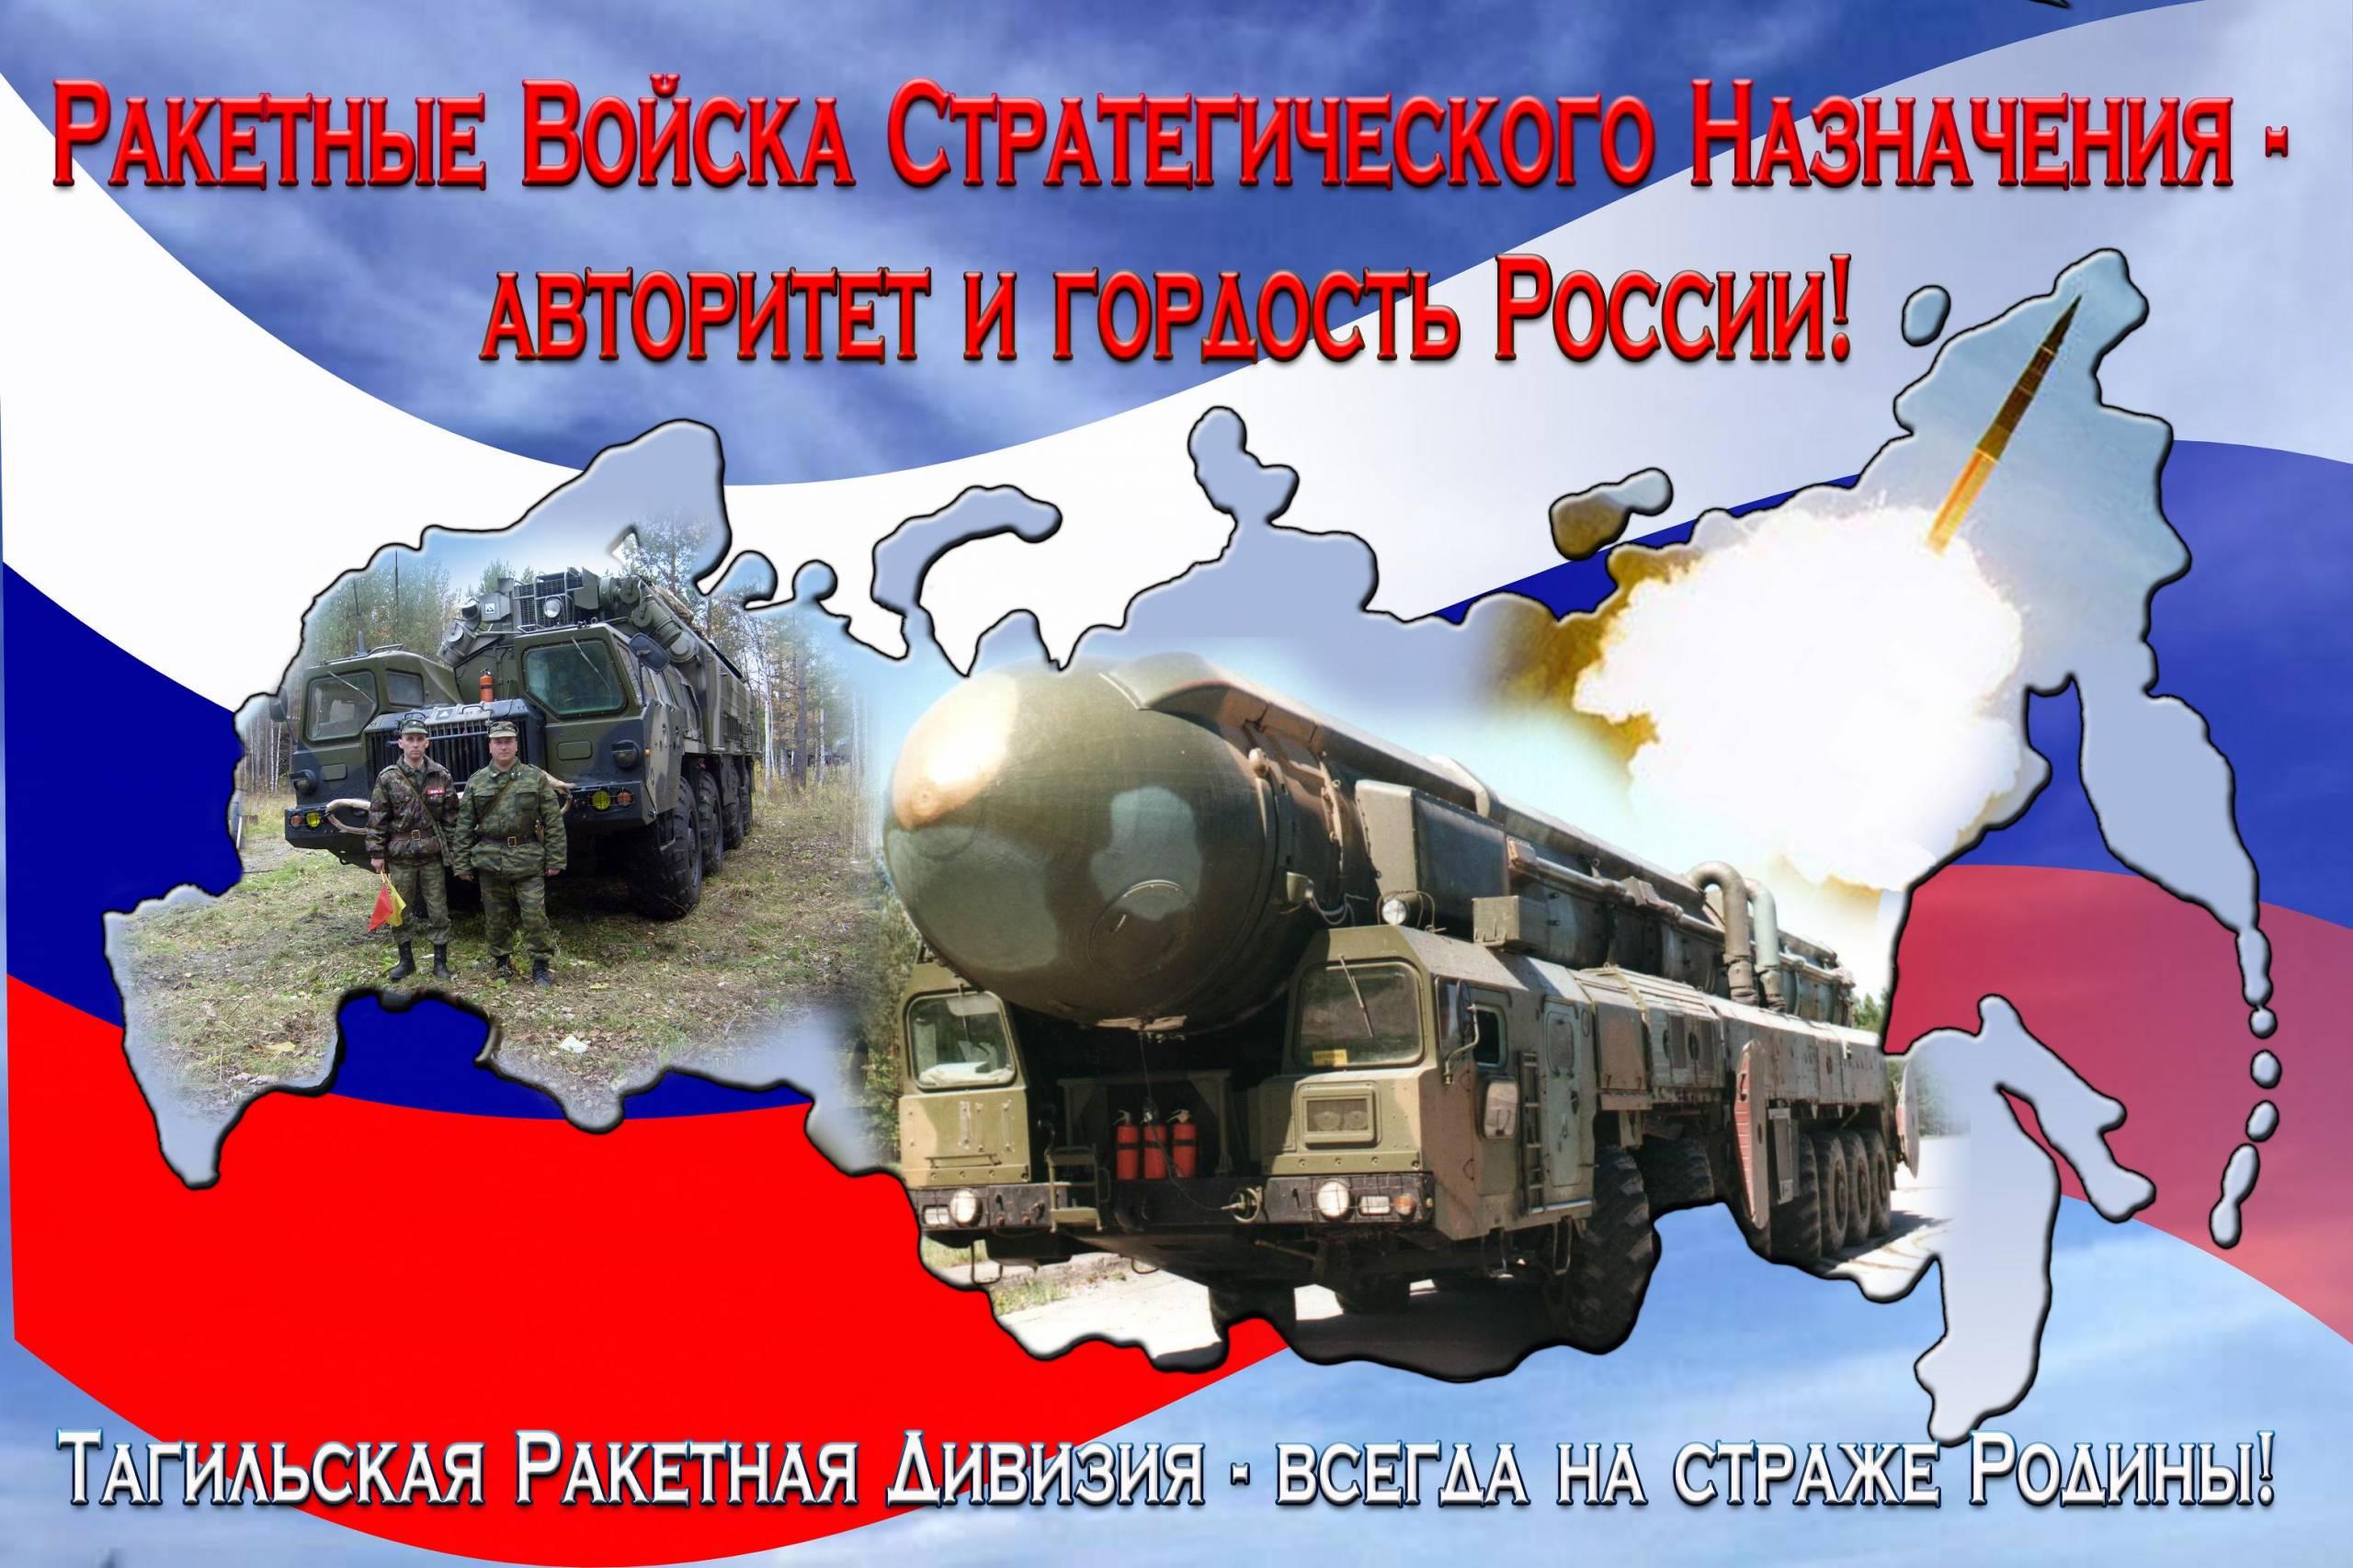 Ракетные Войска Стратегического Назначения - Поздравления к  праздникам поздравительные картинки